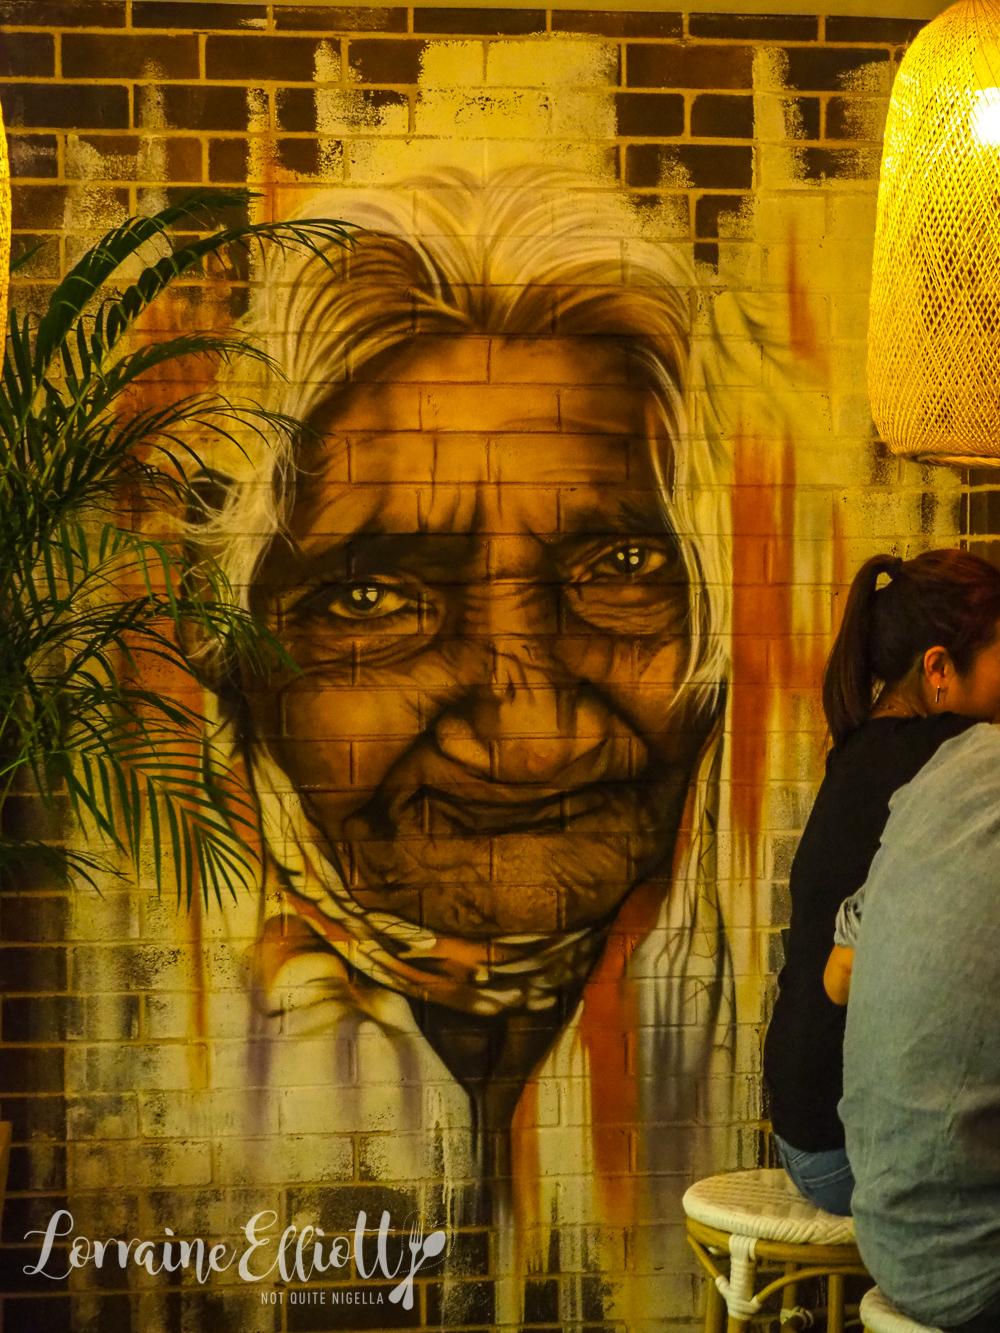 Colombo Social, Enmore